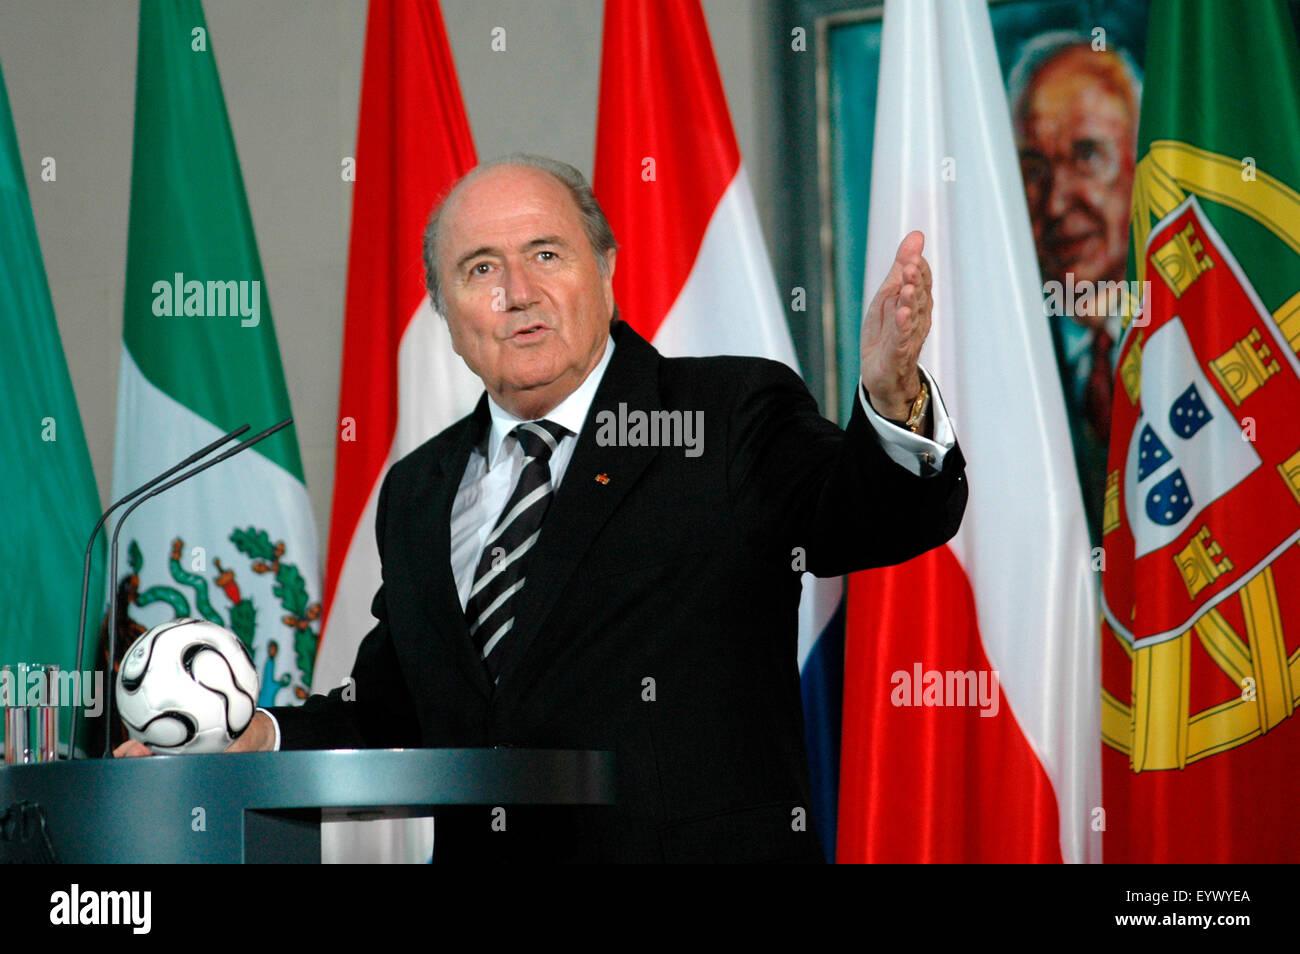 Sepp Blatter - Empfang fuer die FIFA und das Organisationskomitee der Fussballweltmeisterschaft 2006, 7. Juli 2006, - Stock Image